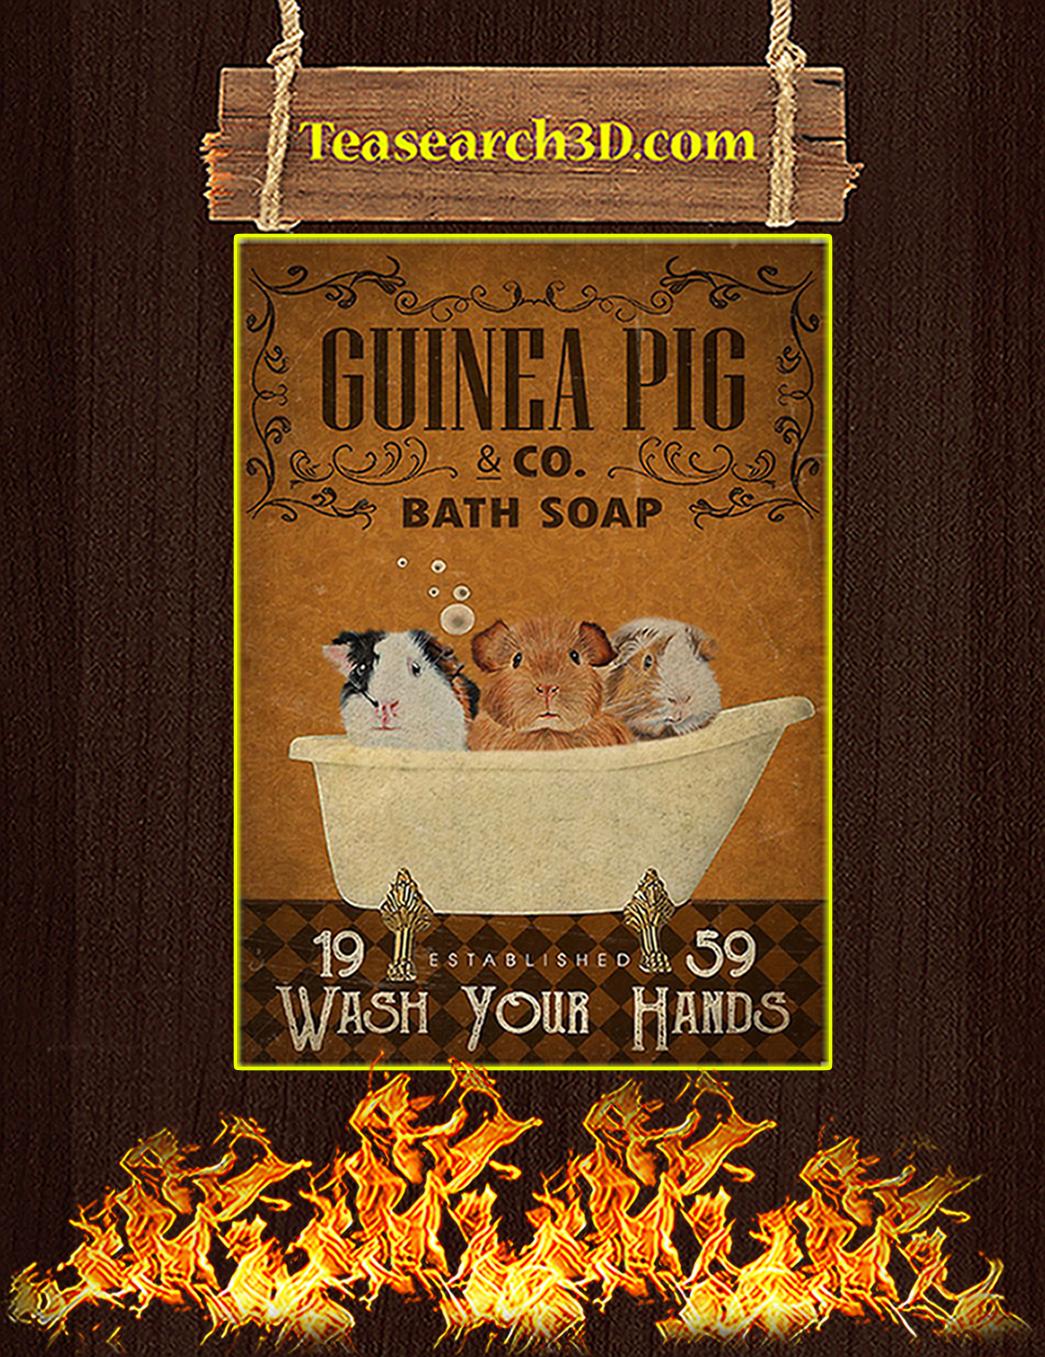 Guinea pig bath soap poster A1